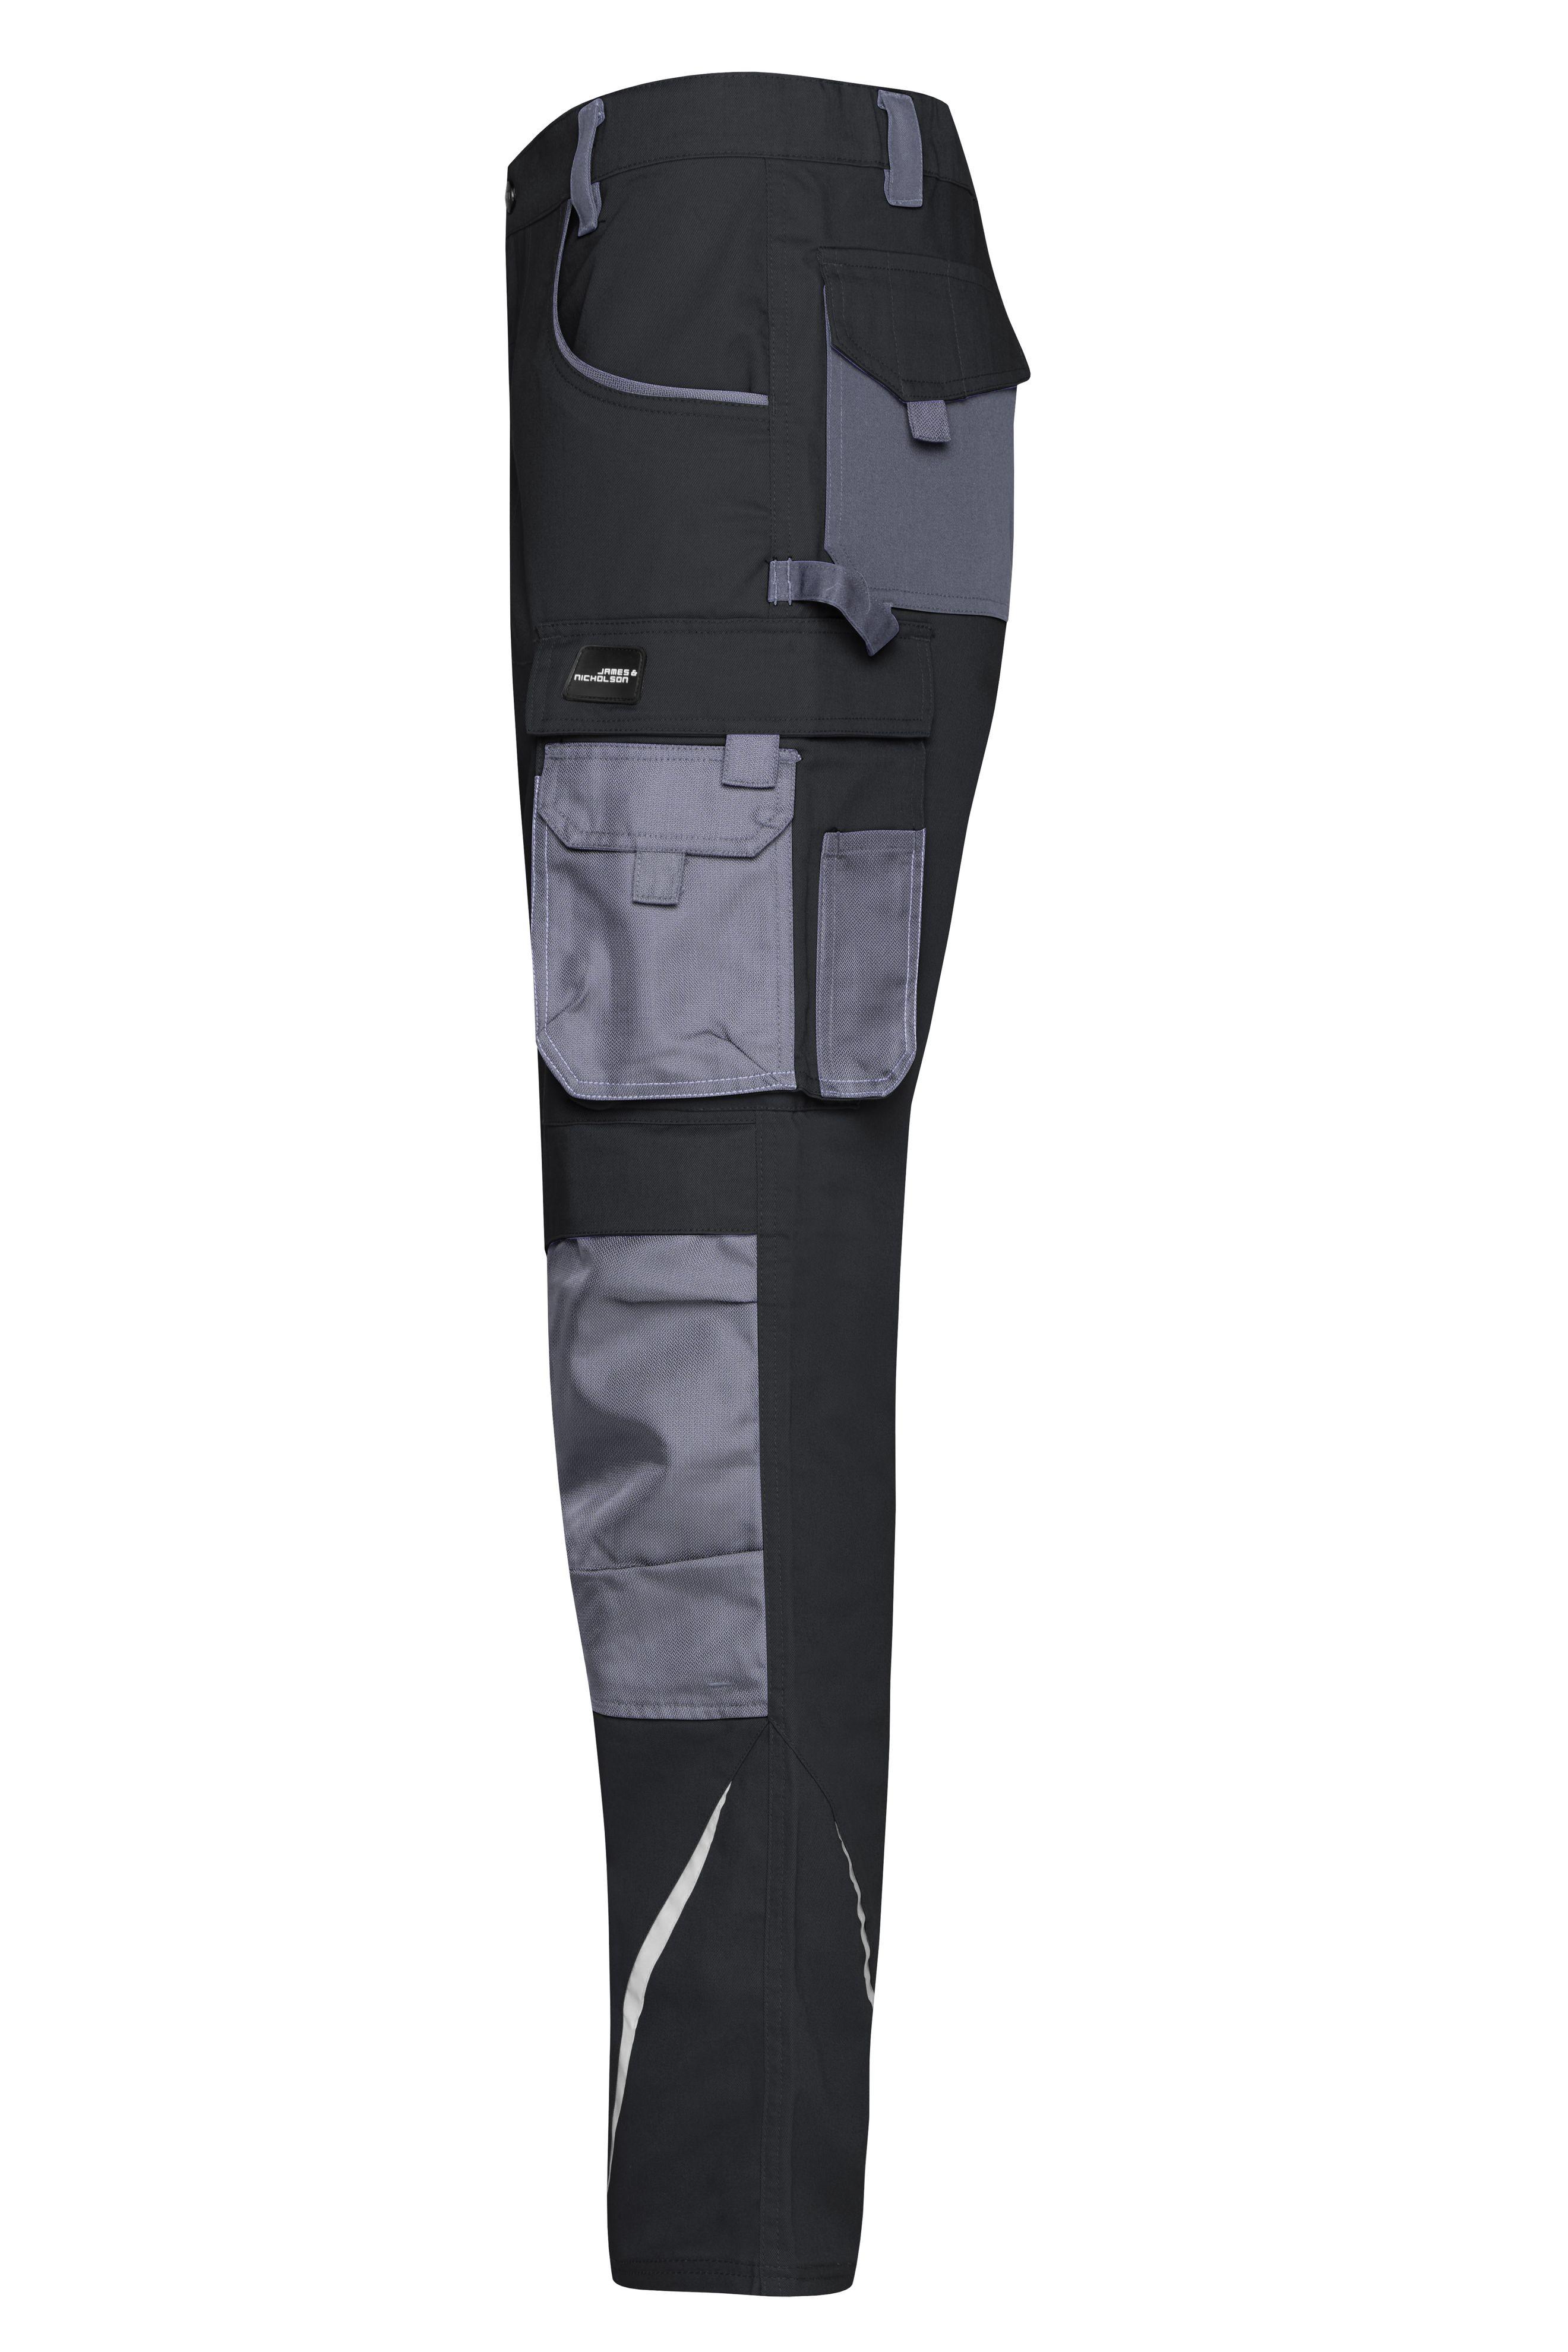 Bundhose STRONG Kniepolstertaschen Polyamid, Reflexelemente (keine PSA)